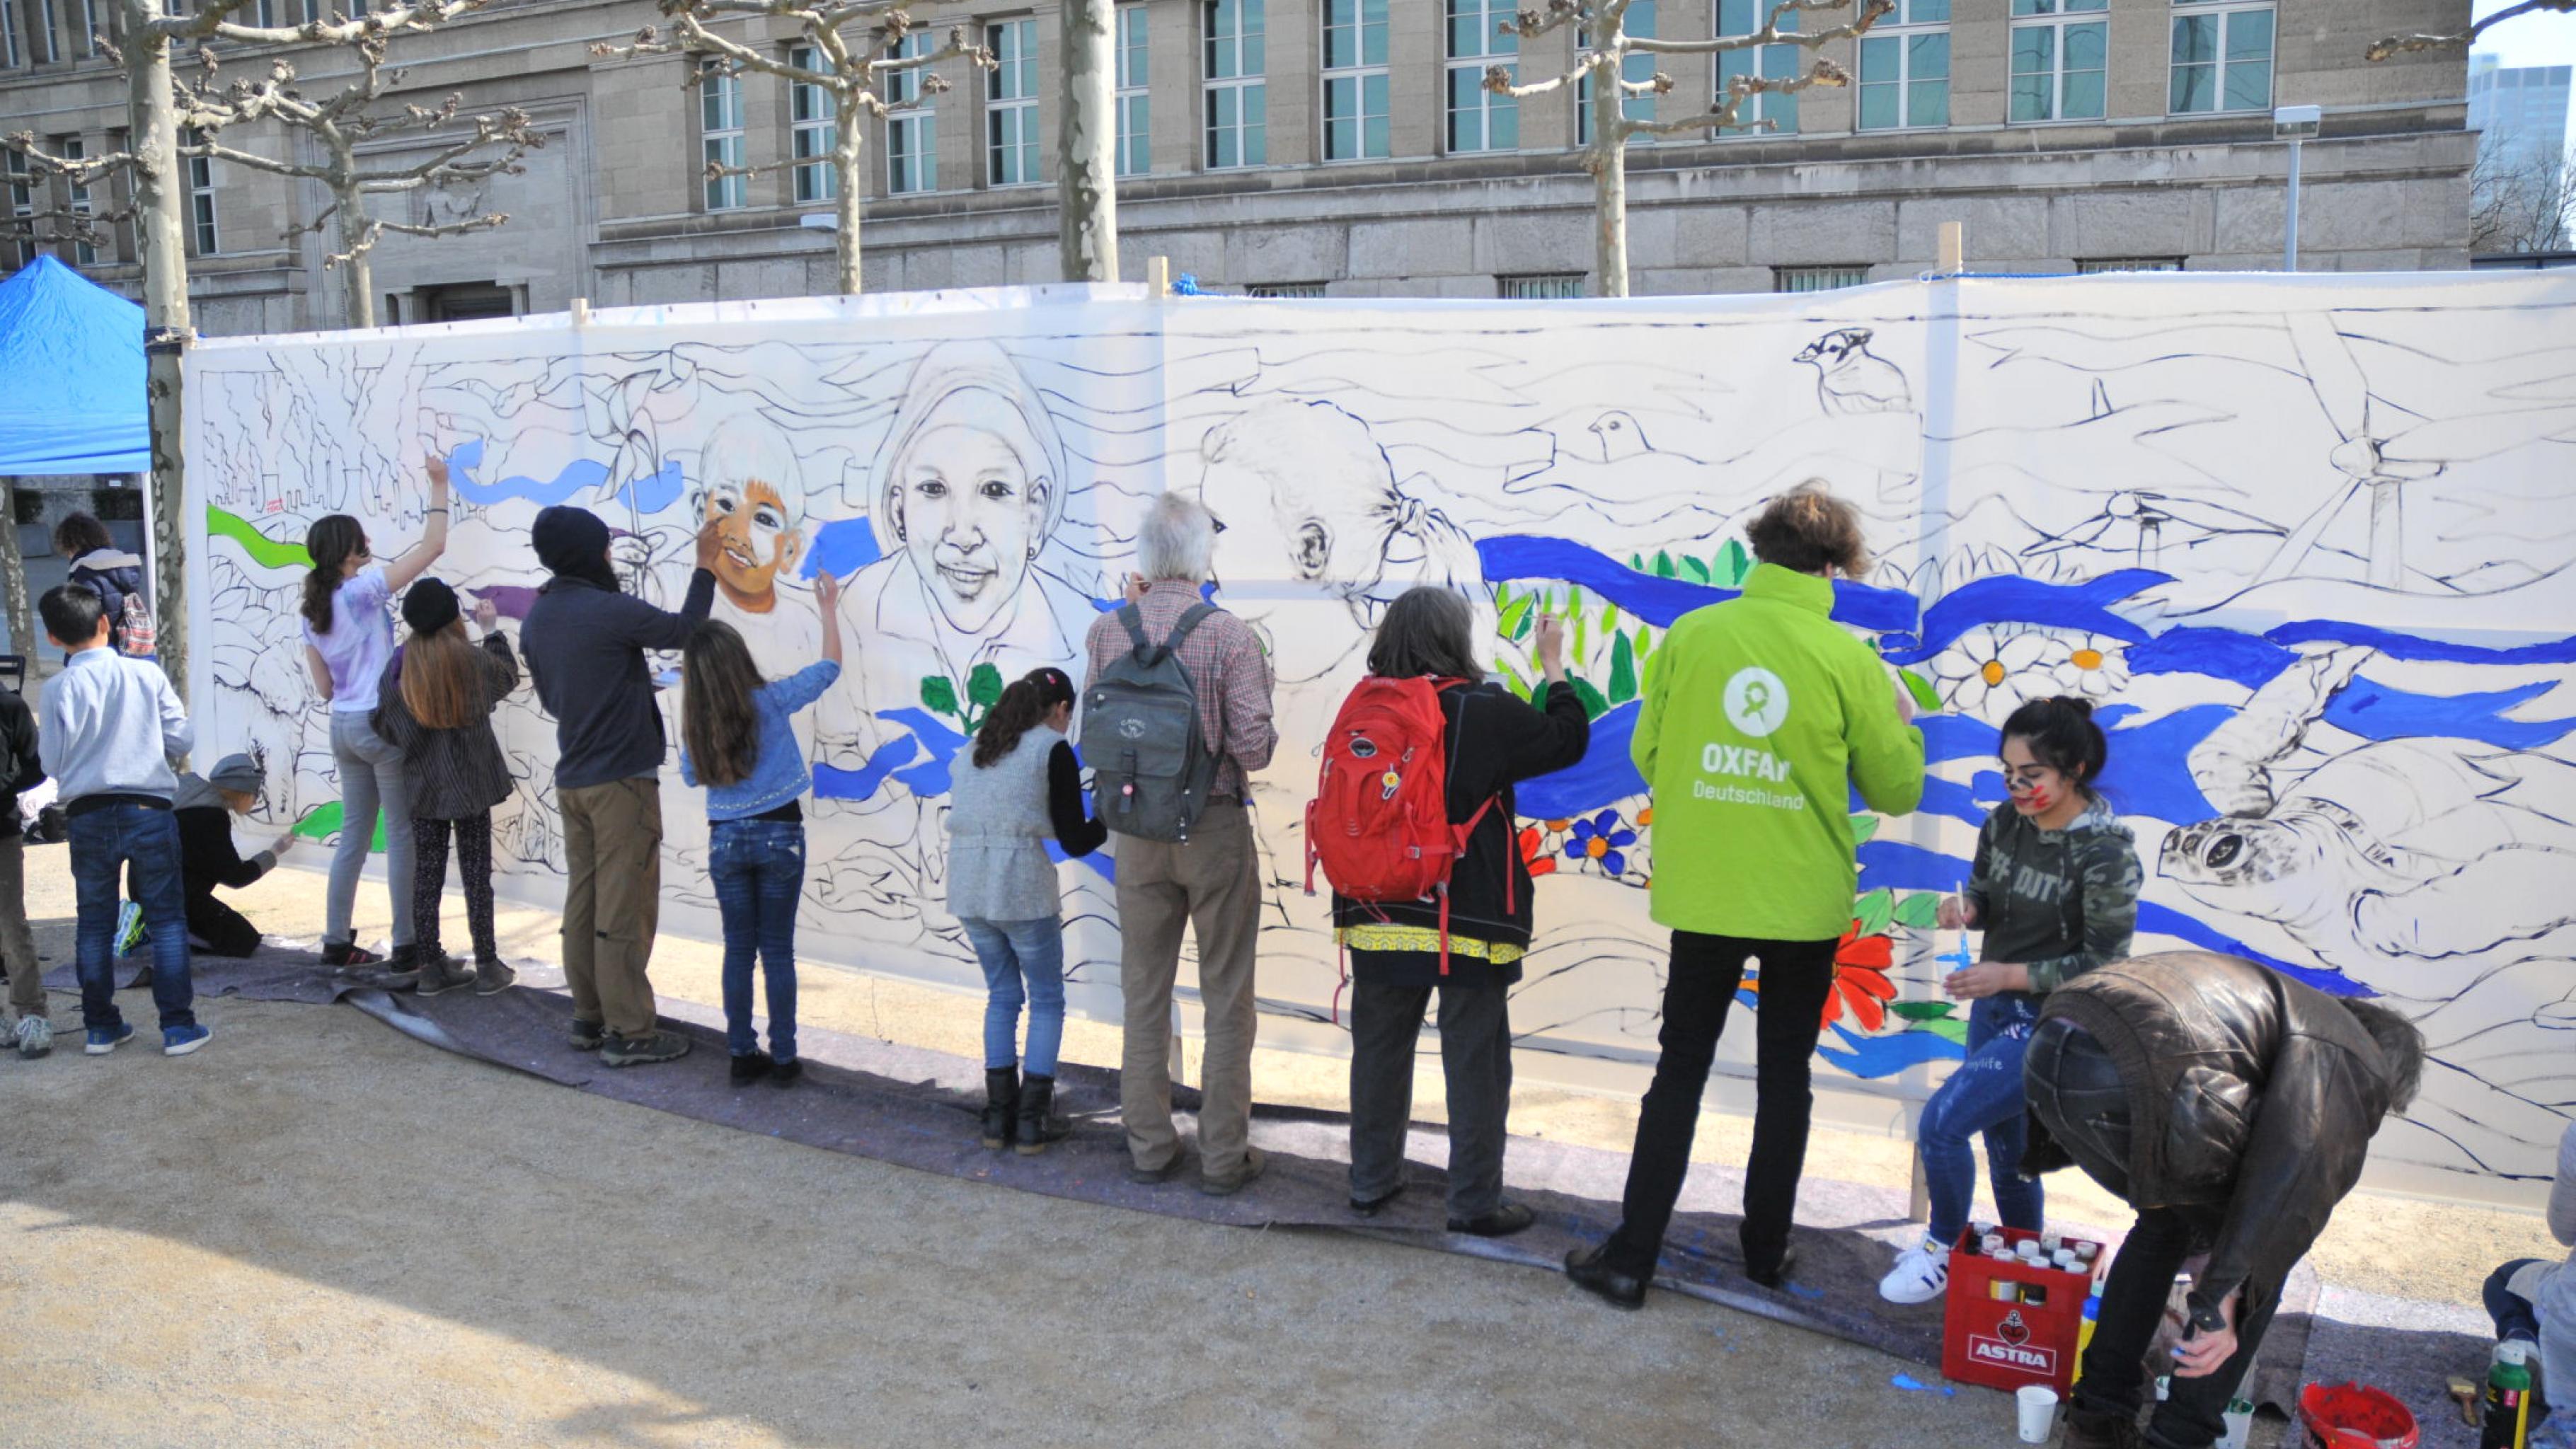 Ein Dutzend Erwachsene und Kinder malen an einer noch weitgehend weißen Leinwand.